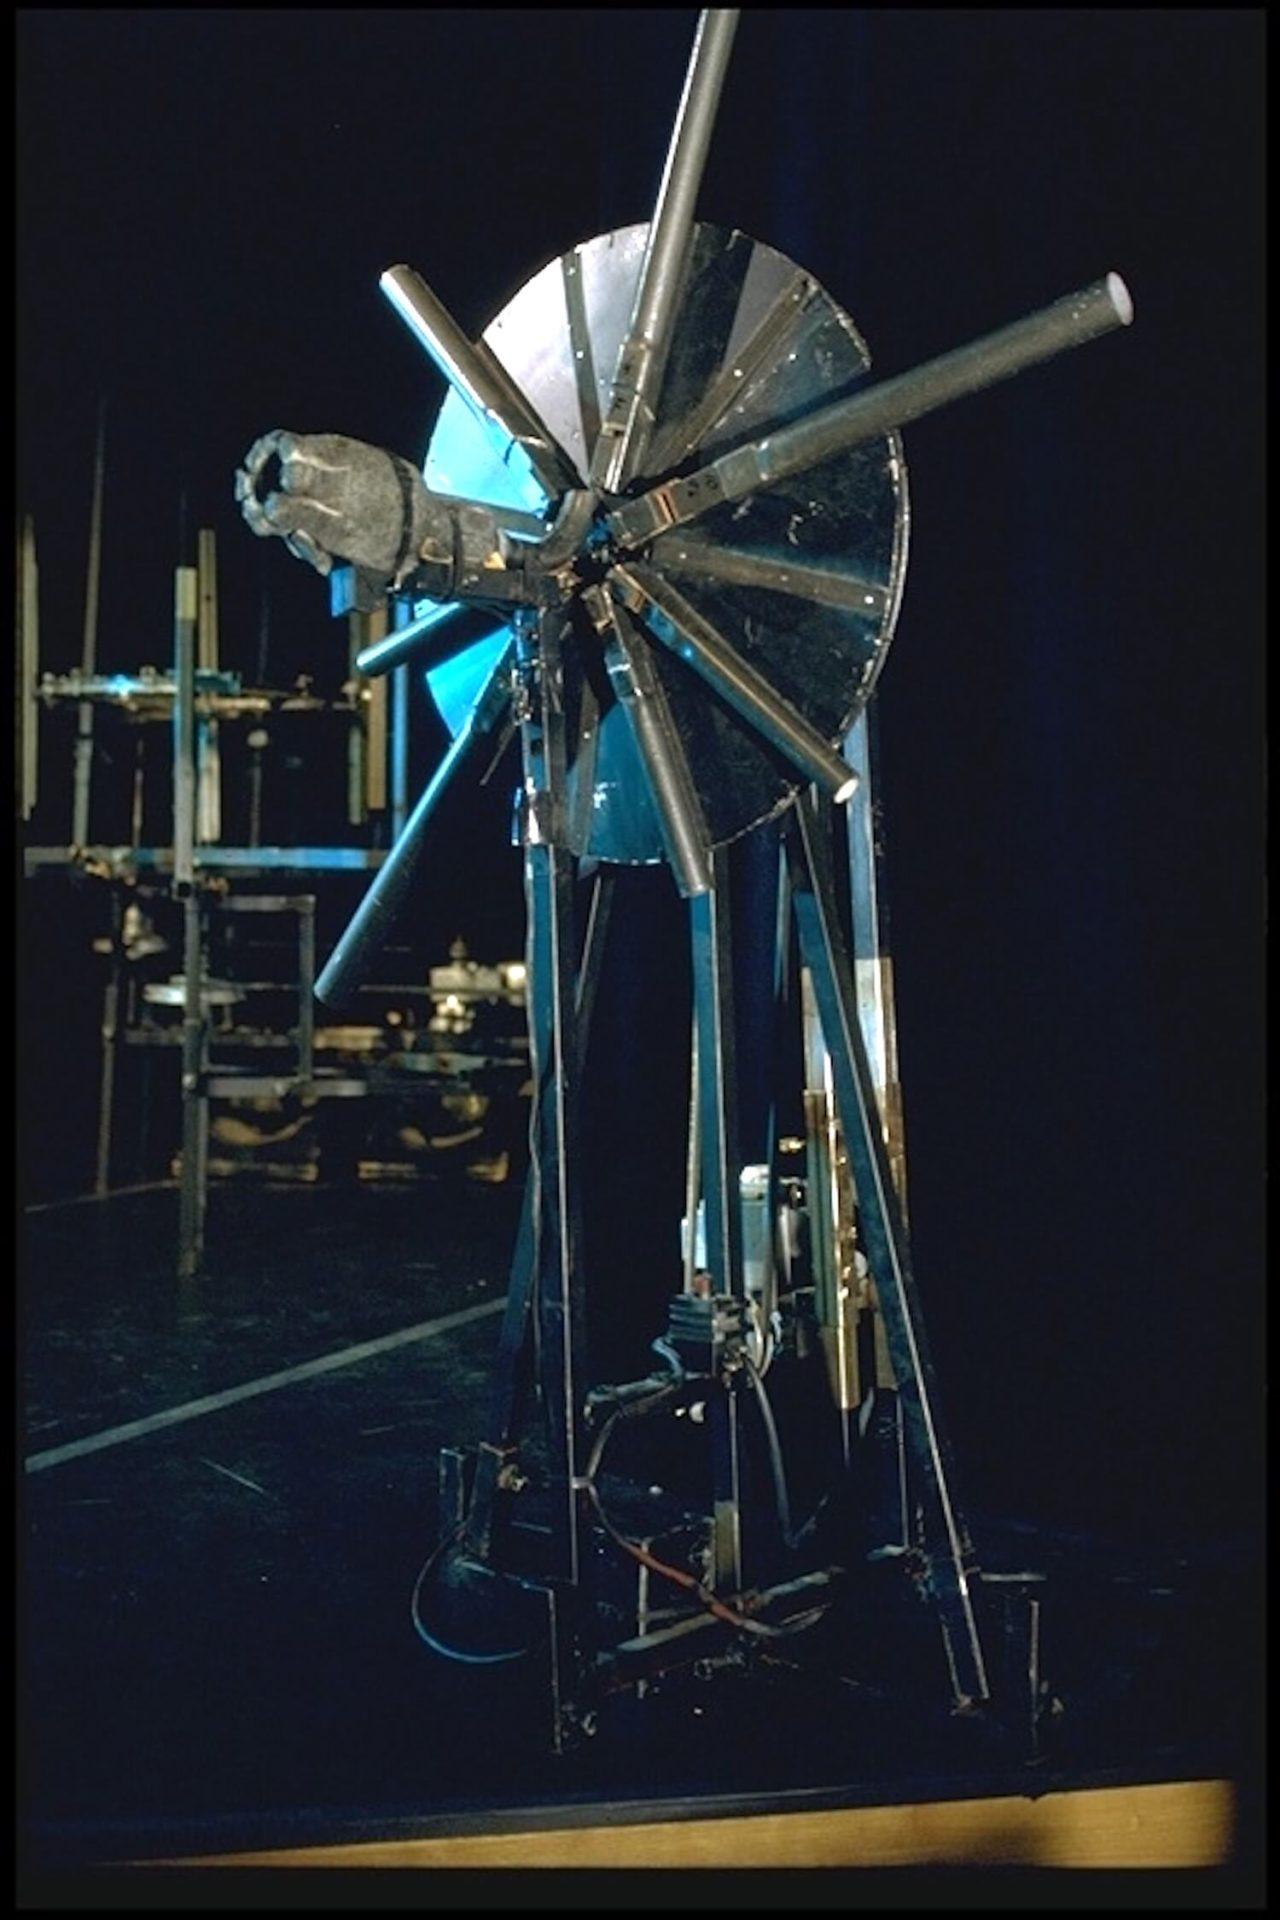 Image métal bleutée sur fond noir. Machine en métal formée d'un disque tournant devant une soufflerie le disque porte des tuyaux d'orgue interchangeables